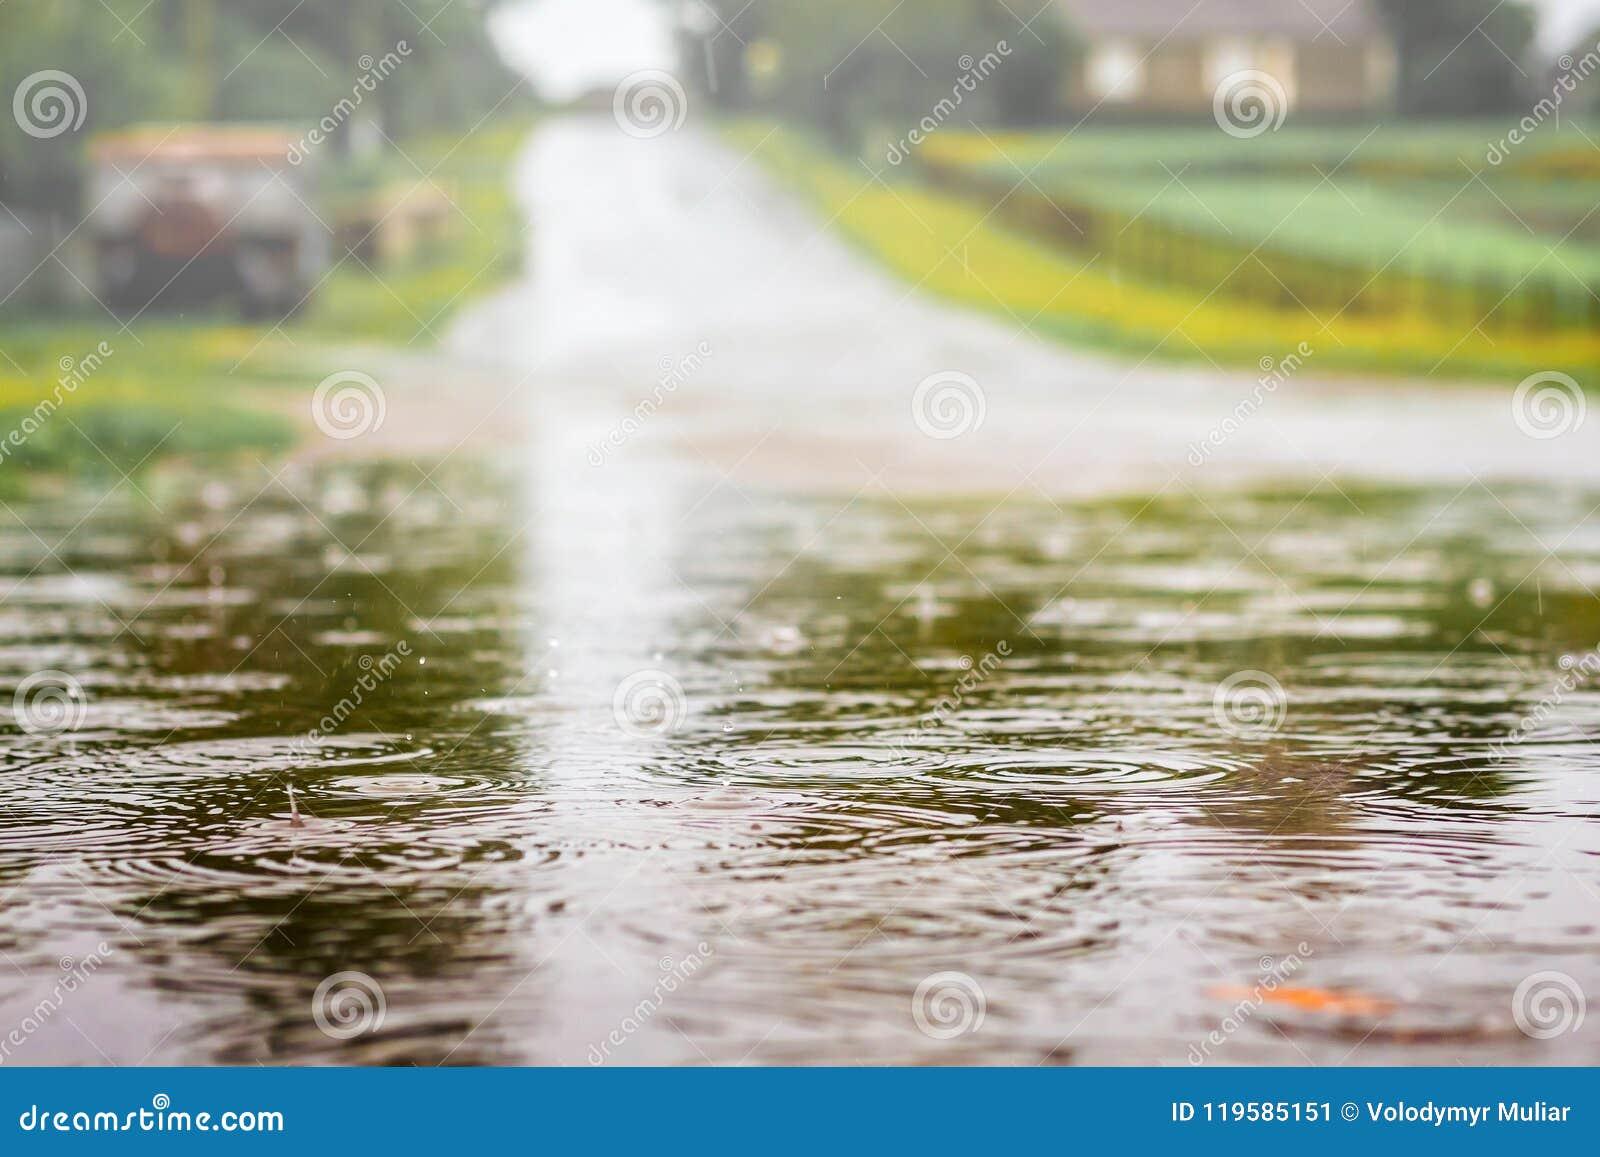 Kałuża z wodą na drodze podczas prysznic Silny deszcz dalej